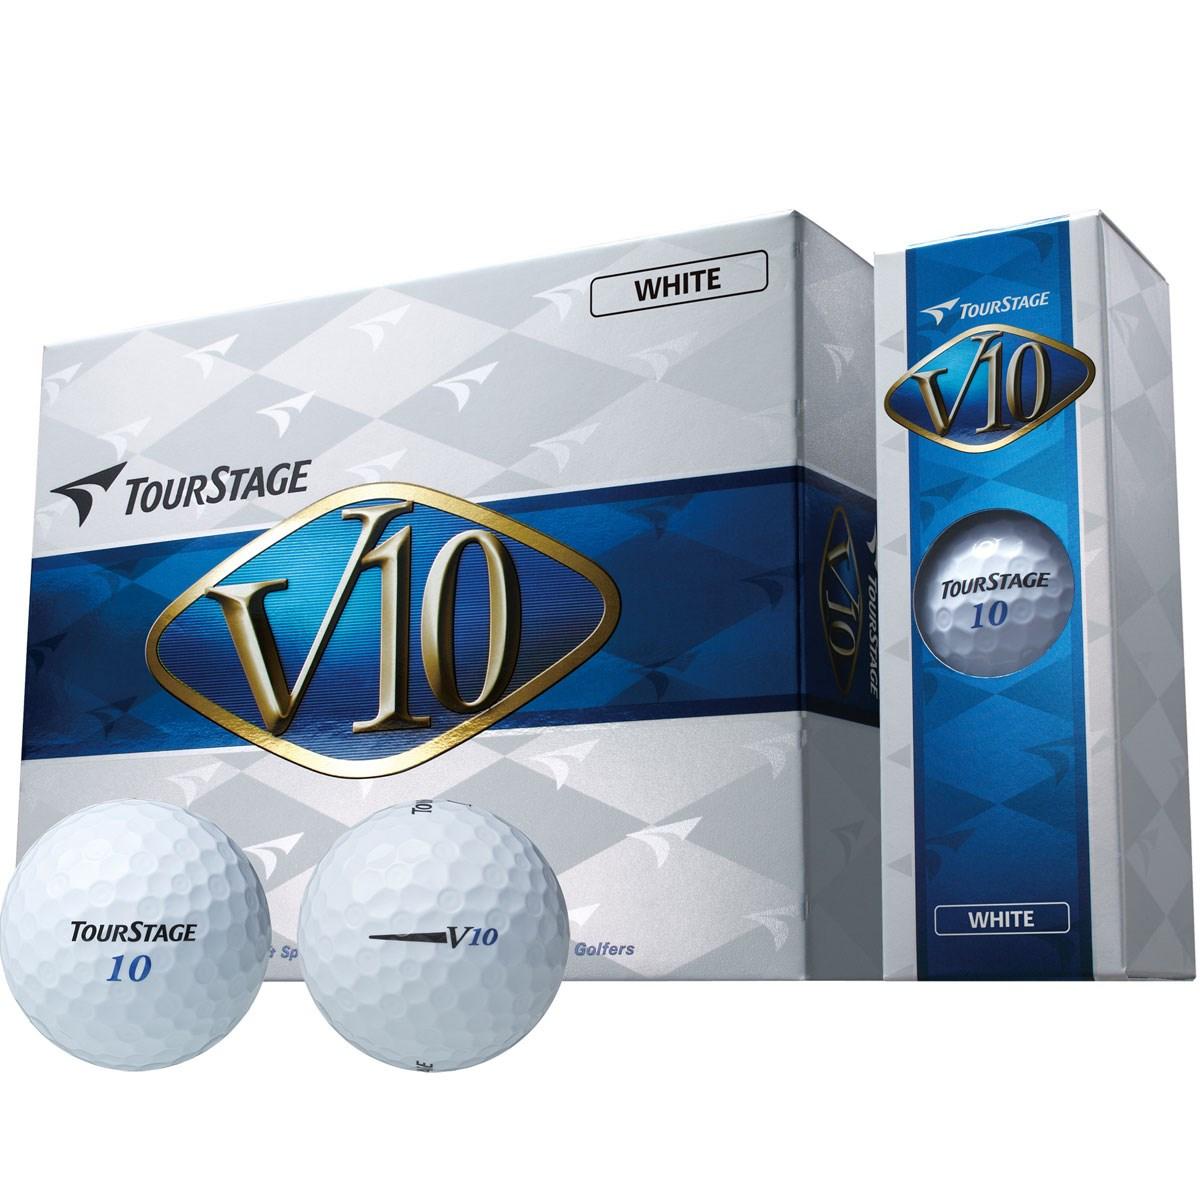 ブリヂストン(BRIDGESTONE GOLF) V10ボール